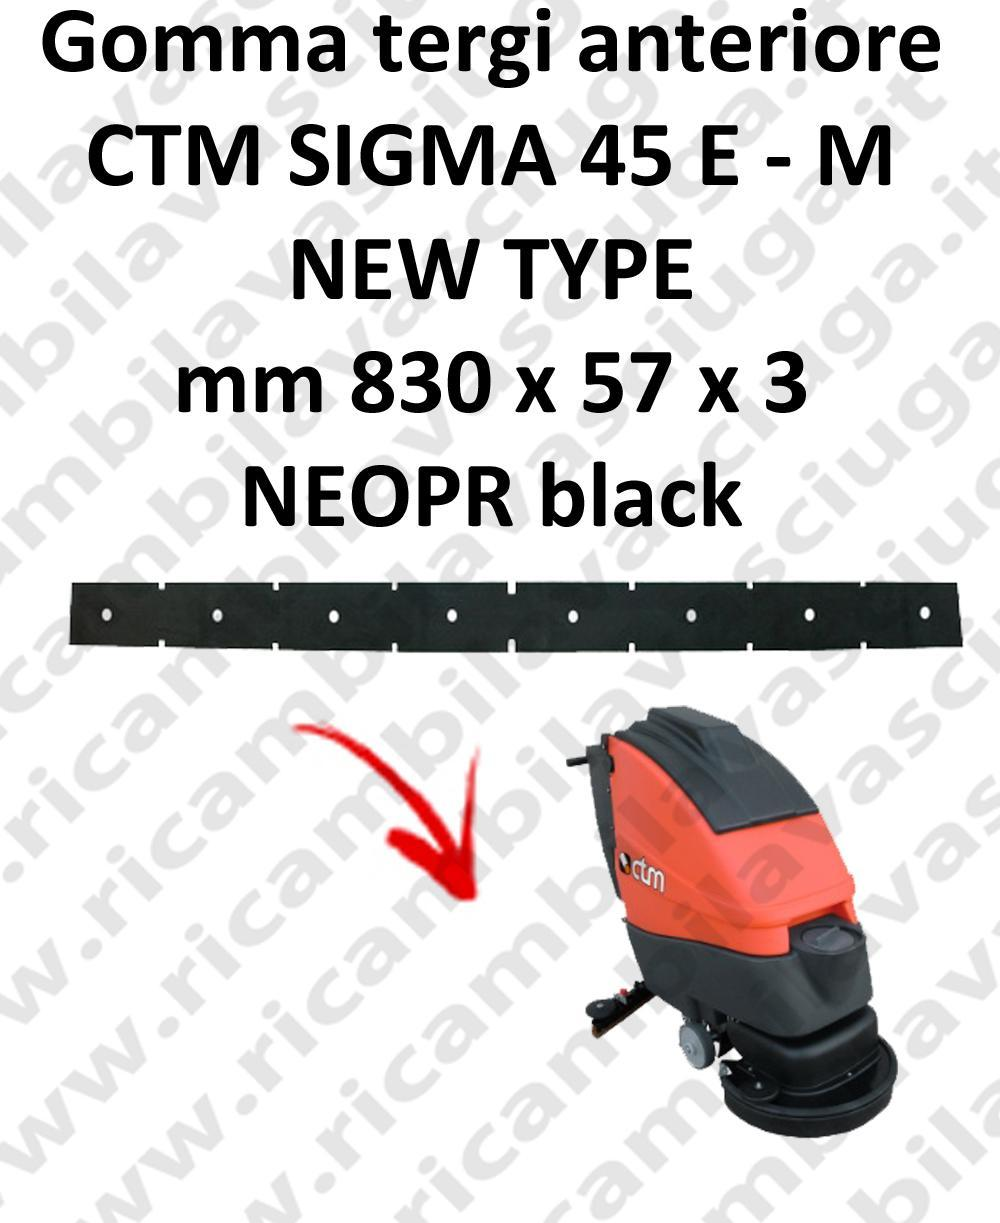 SIGMA 45 ünd - M New Type Vorne sauglippen für scheuersaugmaschinen CTM